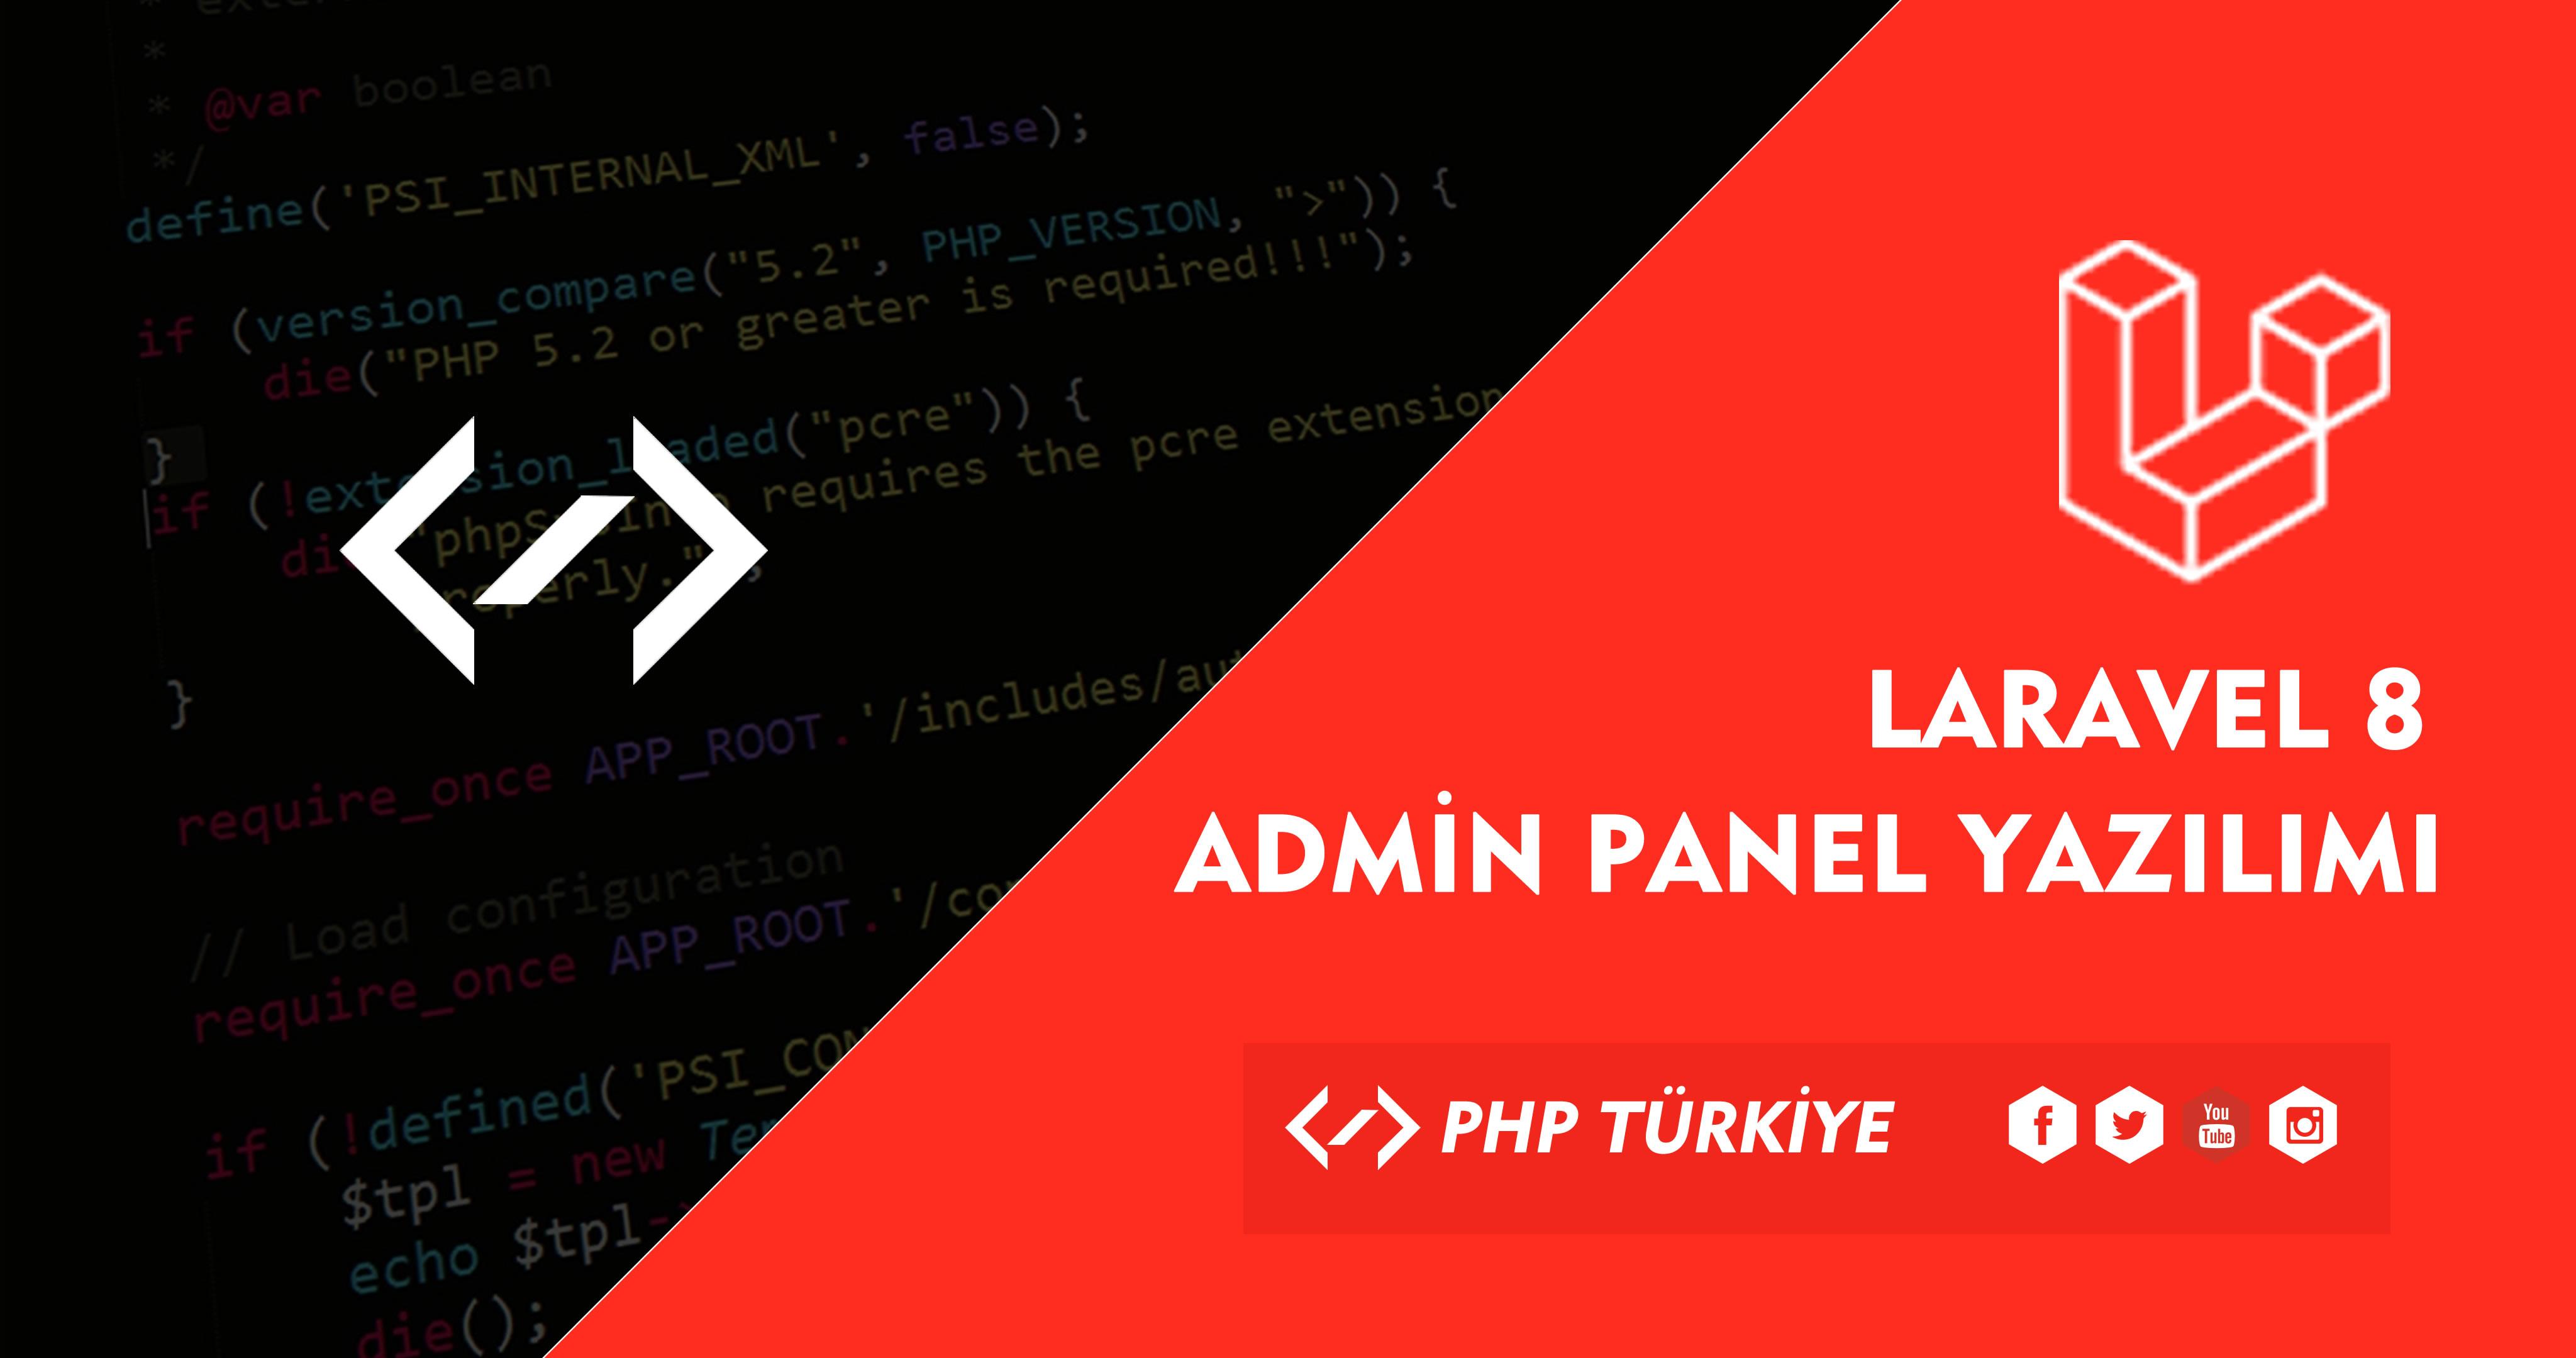 Laravel 8 Admin Panel Yazılımı